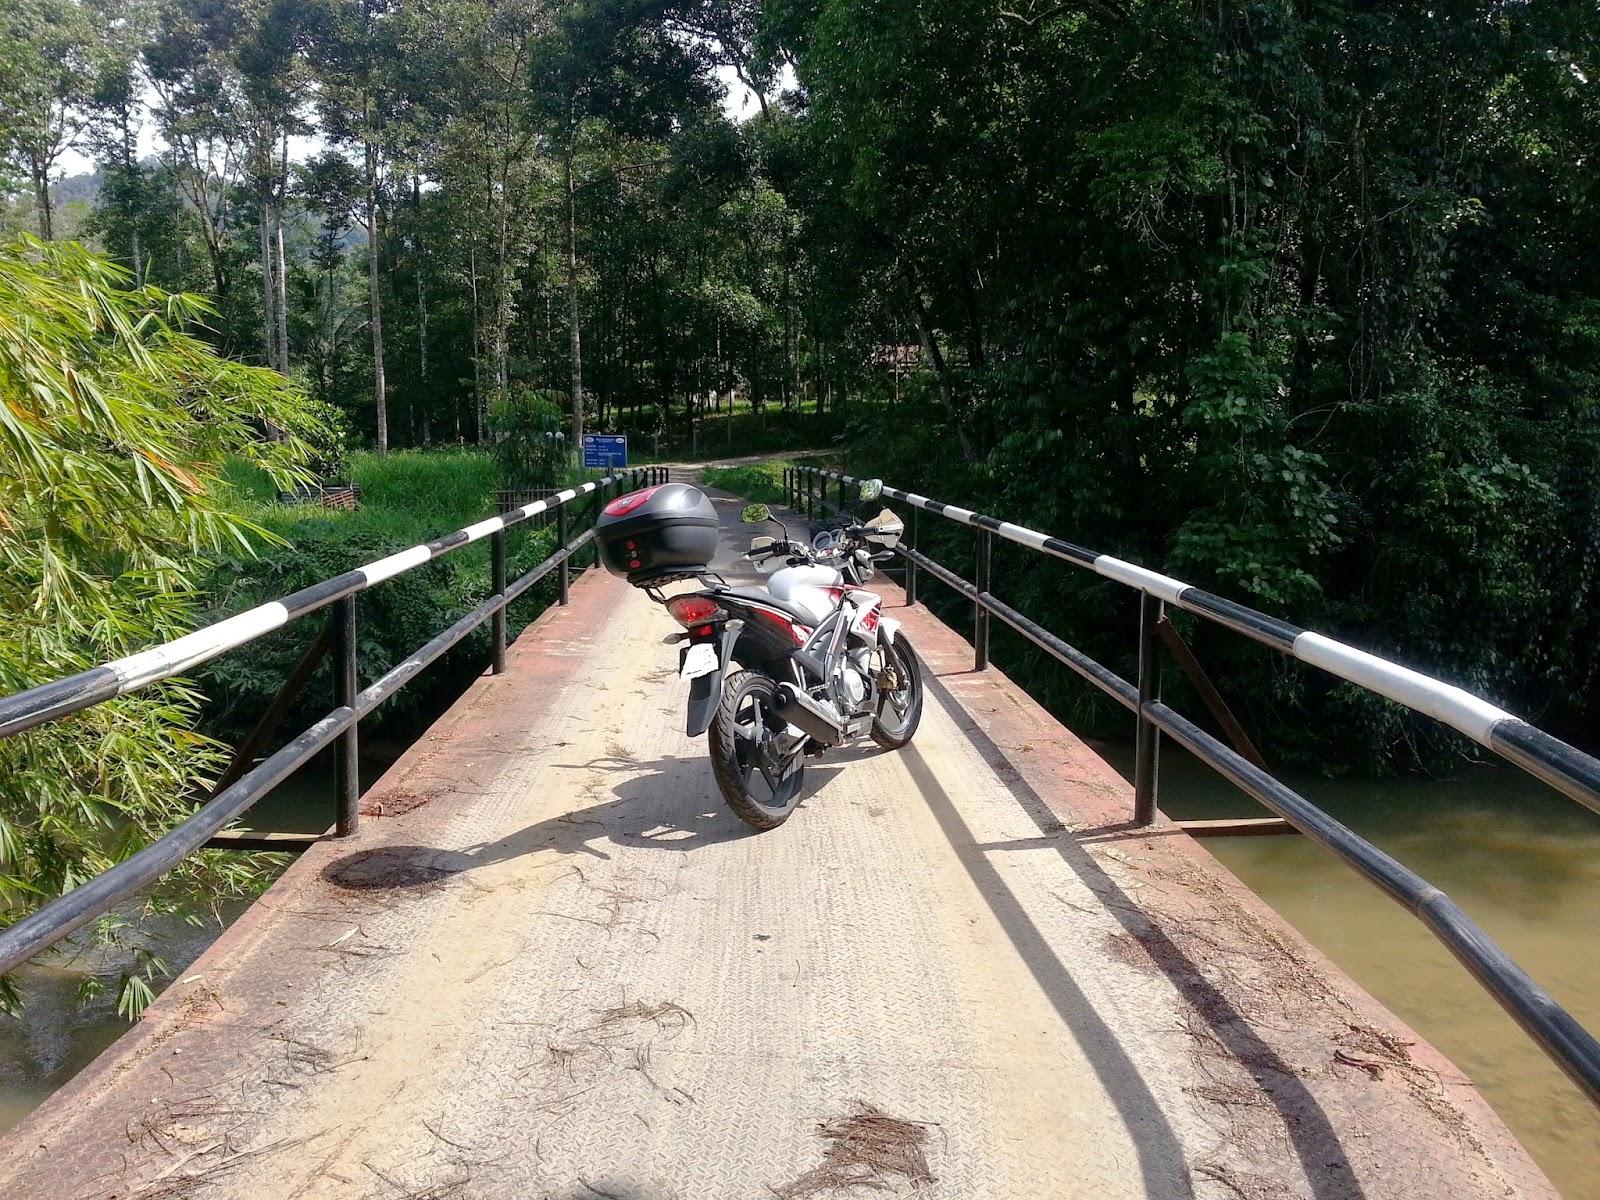 Tiba di satu jambatan kecil yang merentasi sungai bernam. berhenti